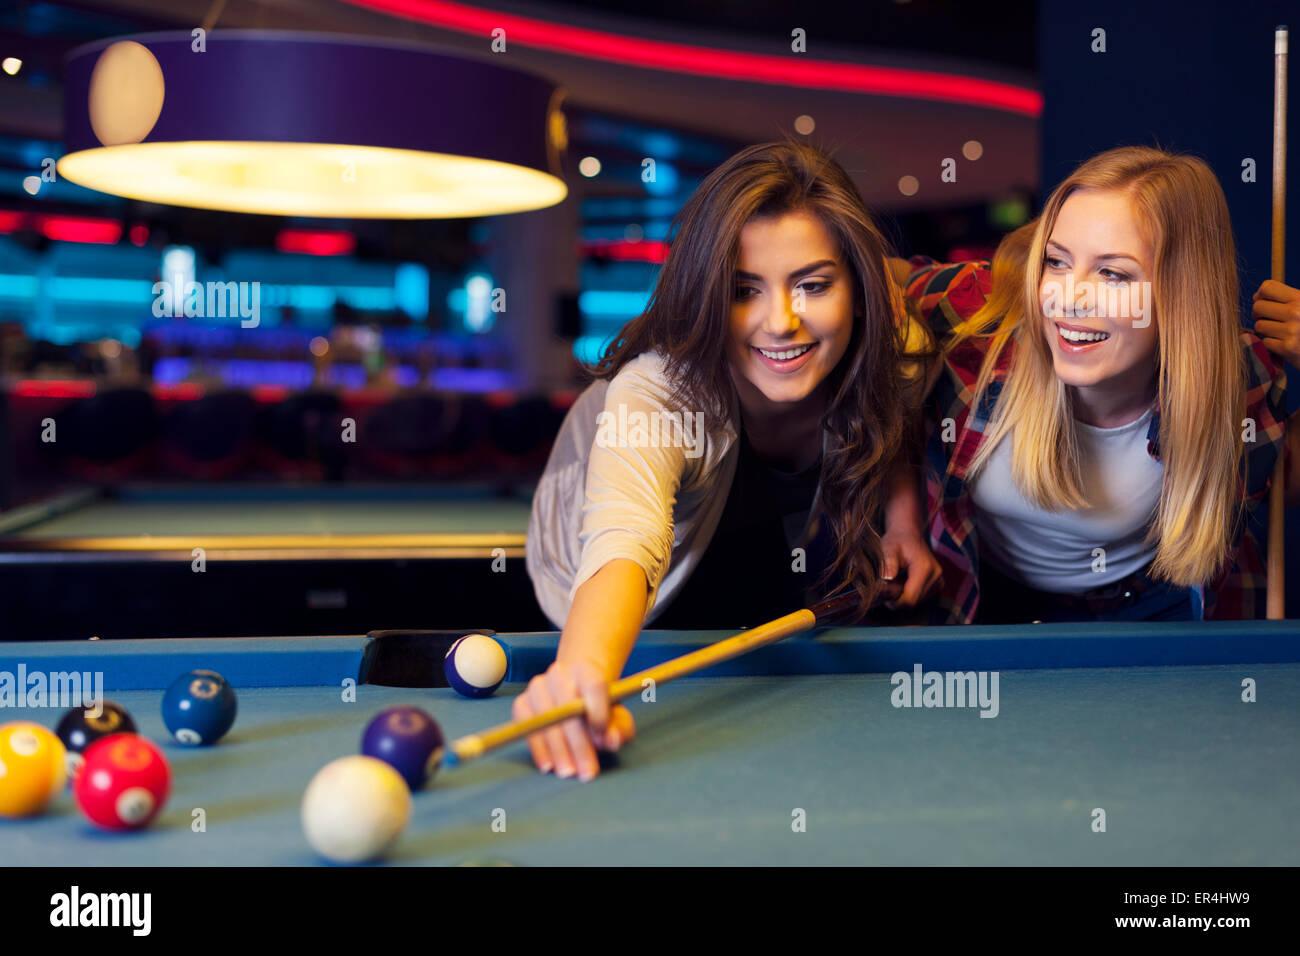 Freunden abhängen am Pool-Tisch Stockbild